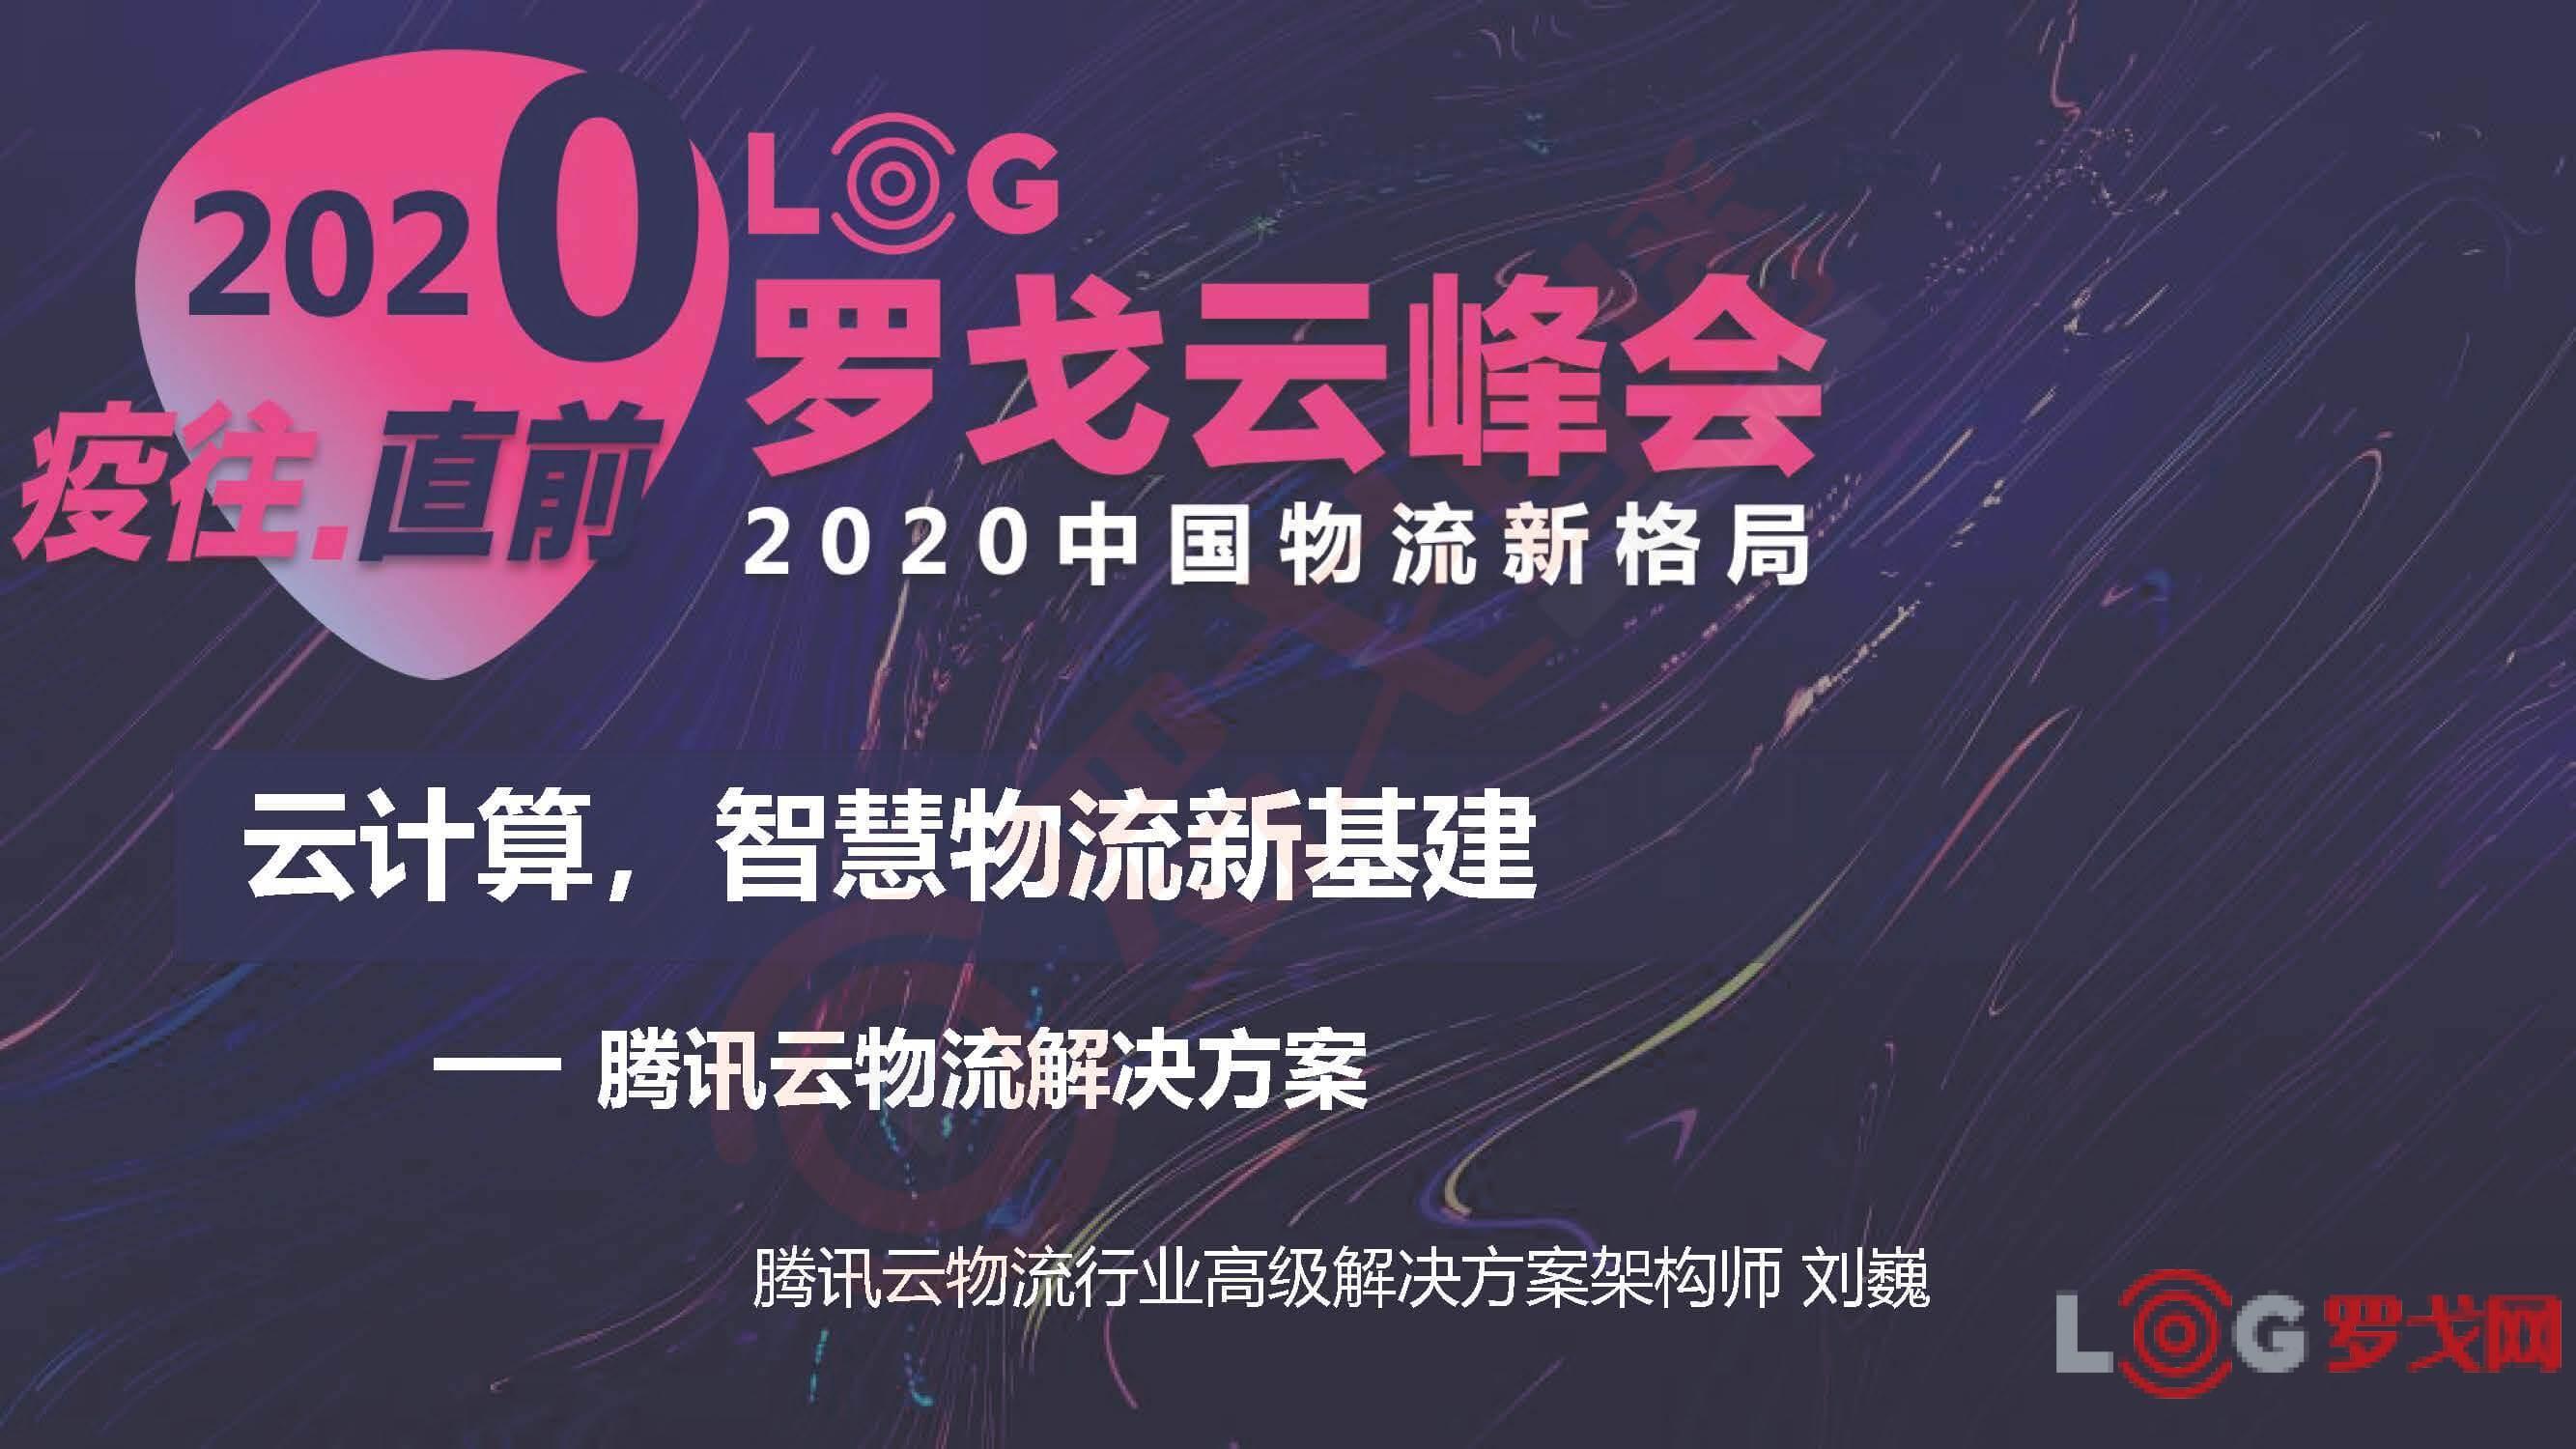 騰訊云劉巍:云服務是物流行業新基建